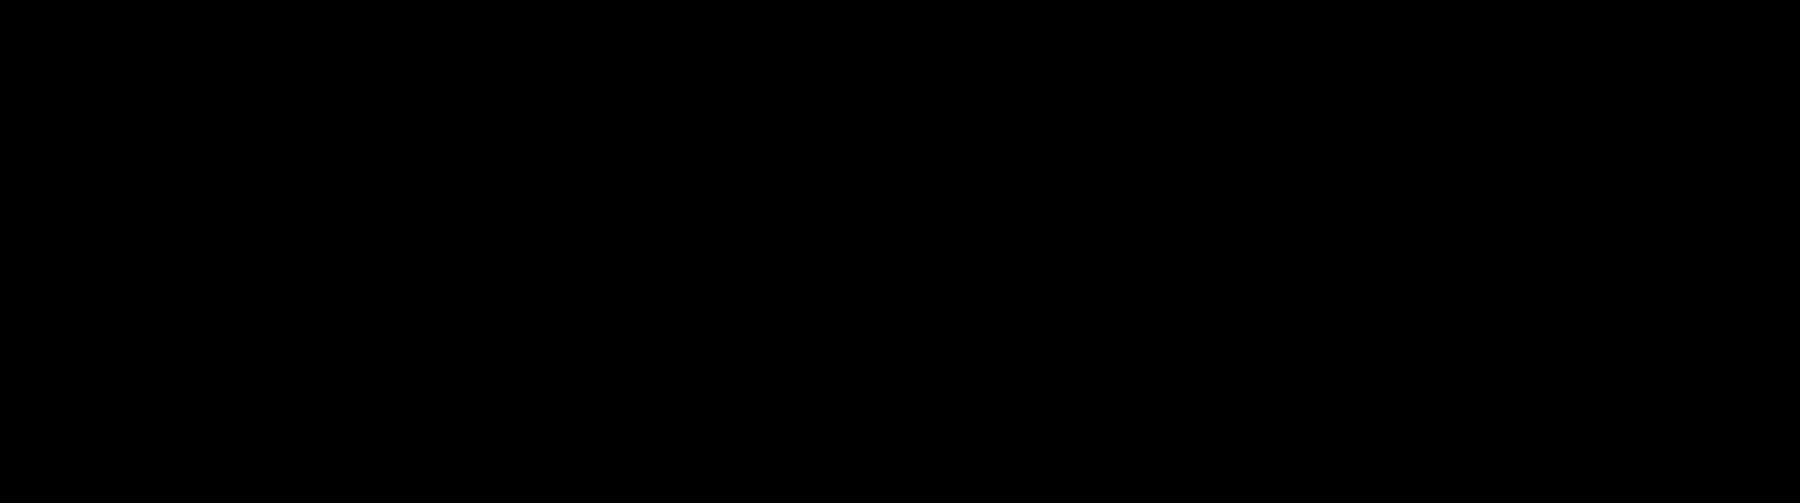 Tilmor Logo - Black